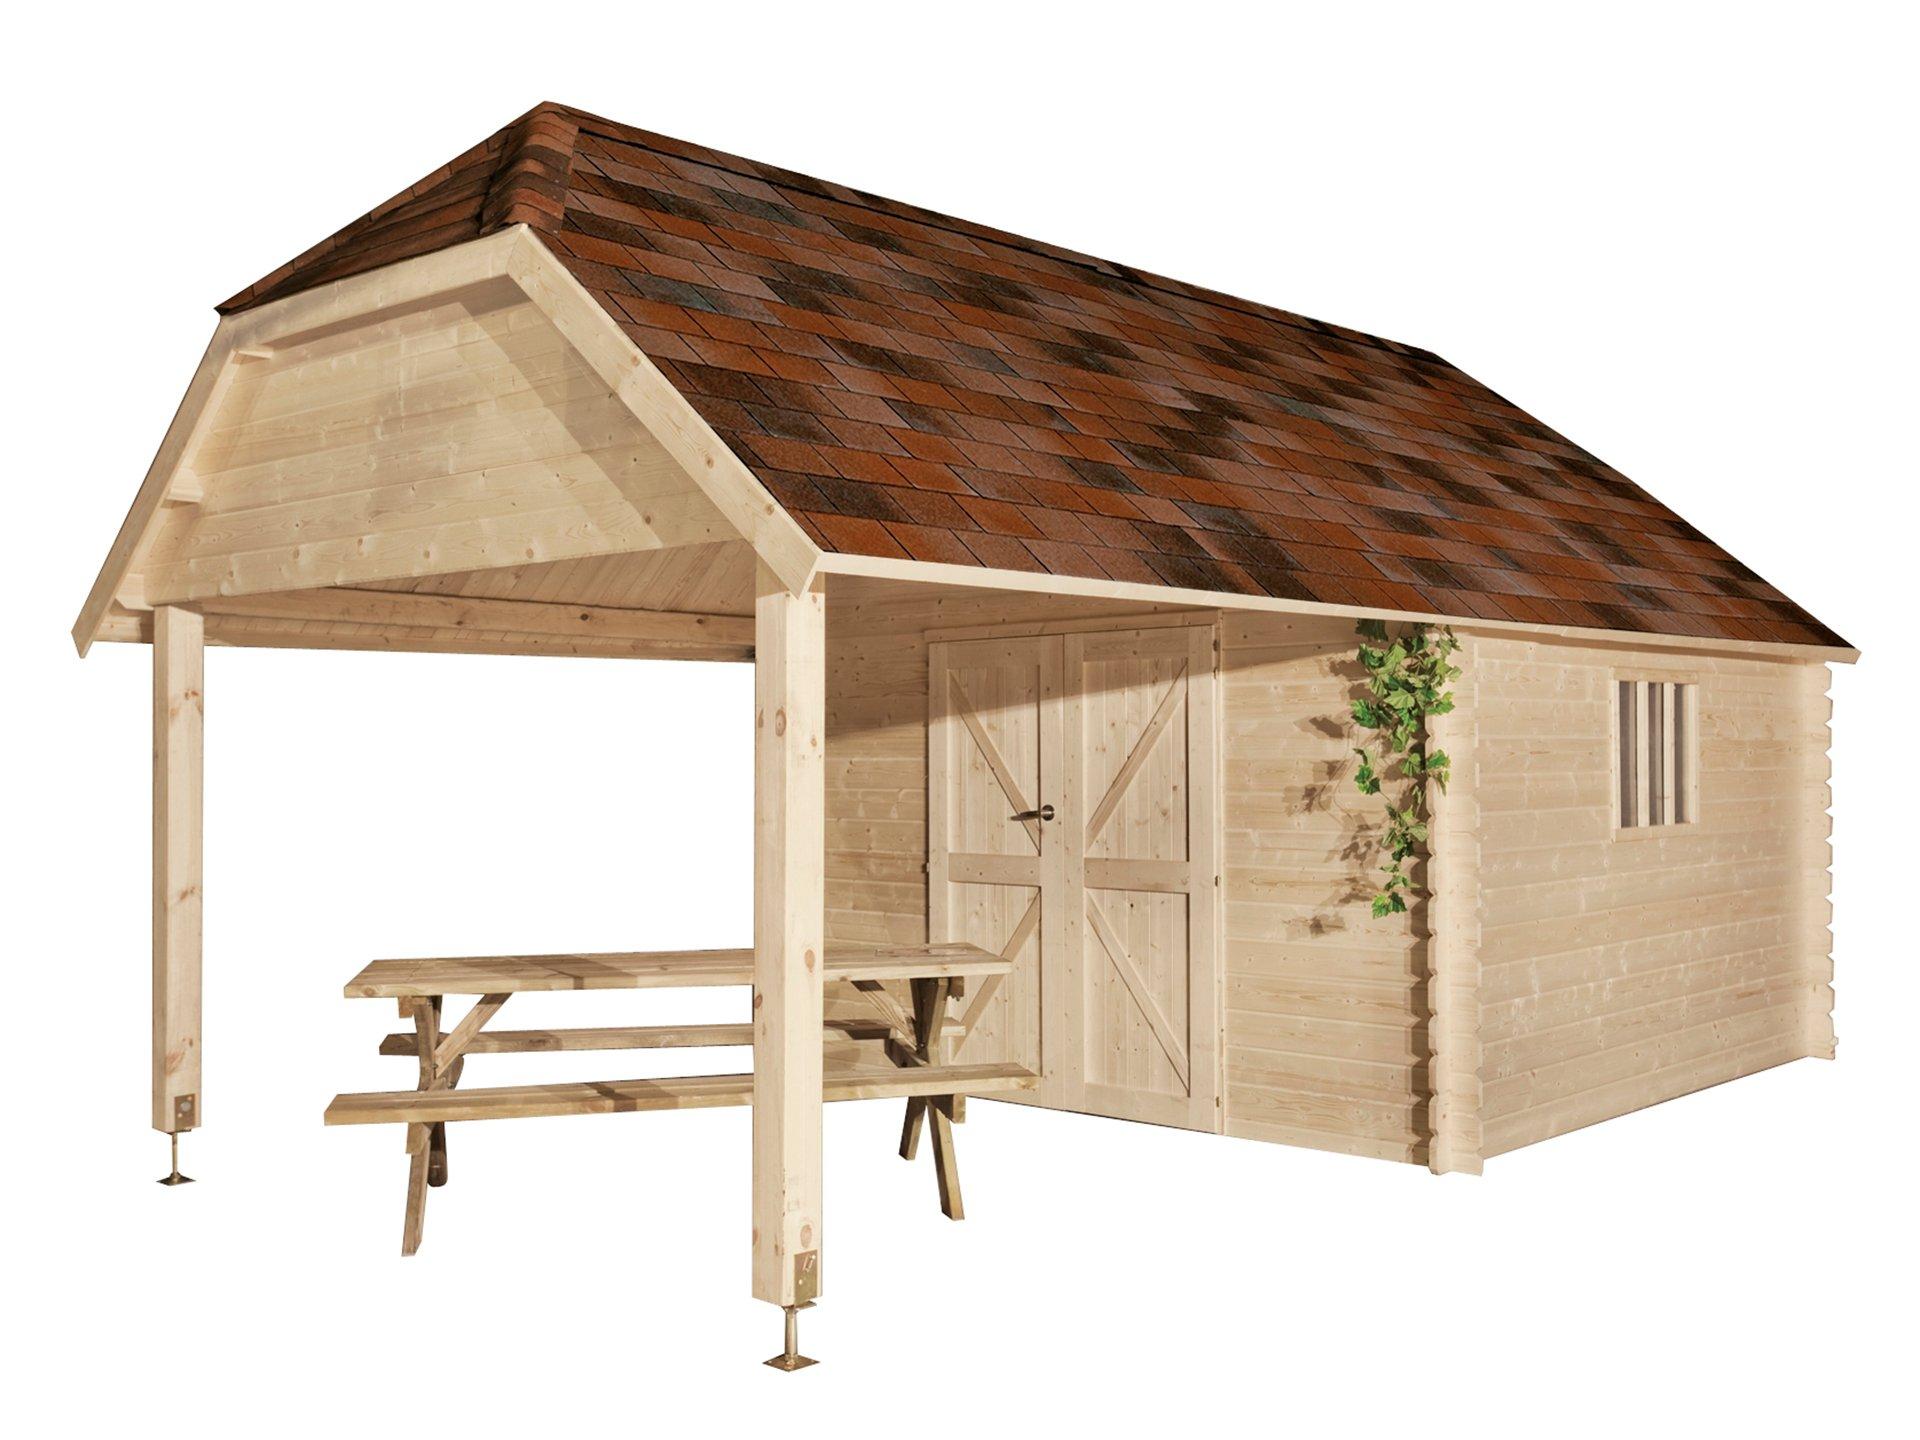 Abris de jardin anglais meilleures id es pour la - Abri jardin habitat et jardin vitry sur seine ...